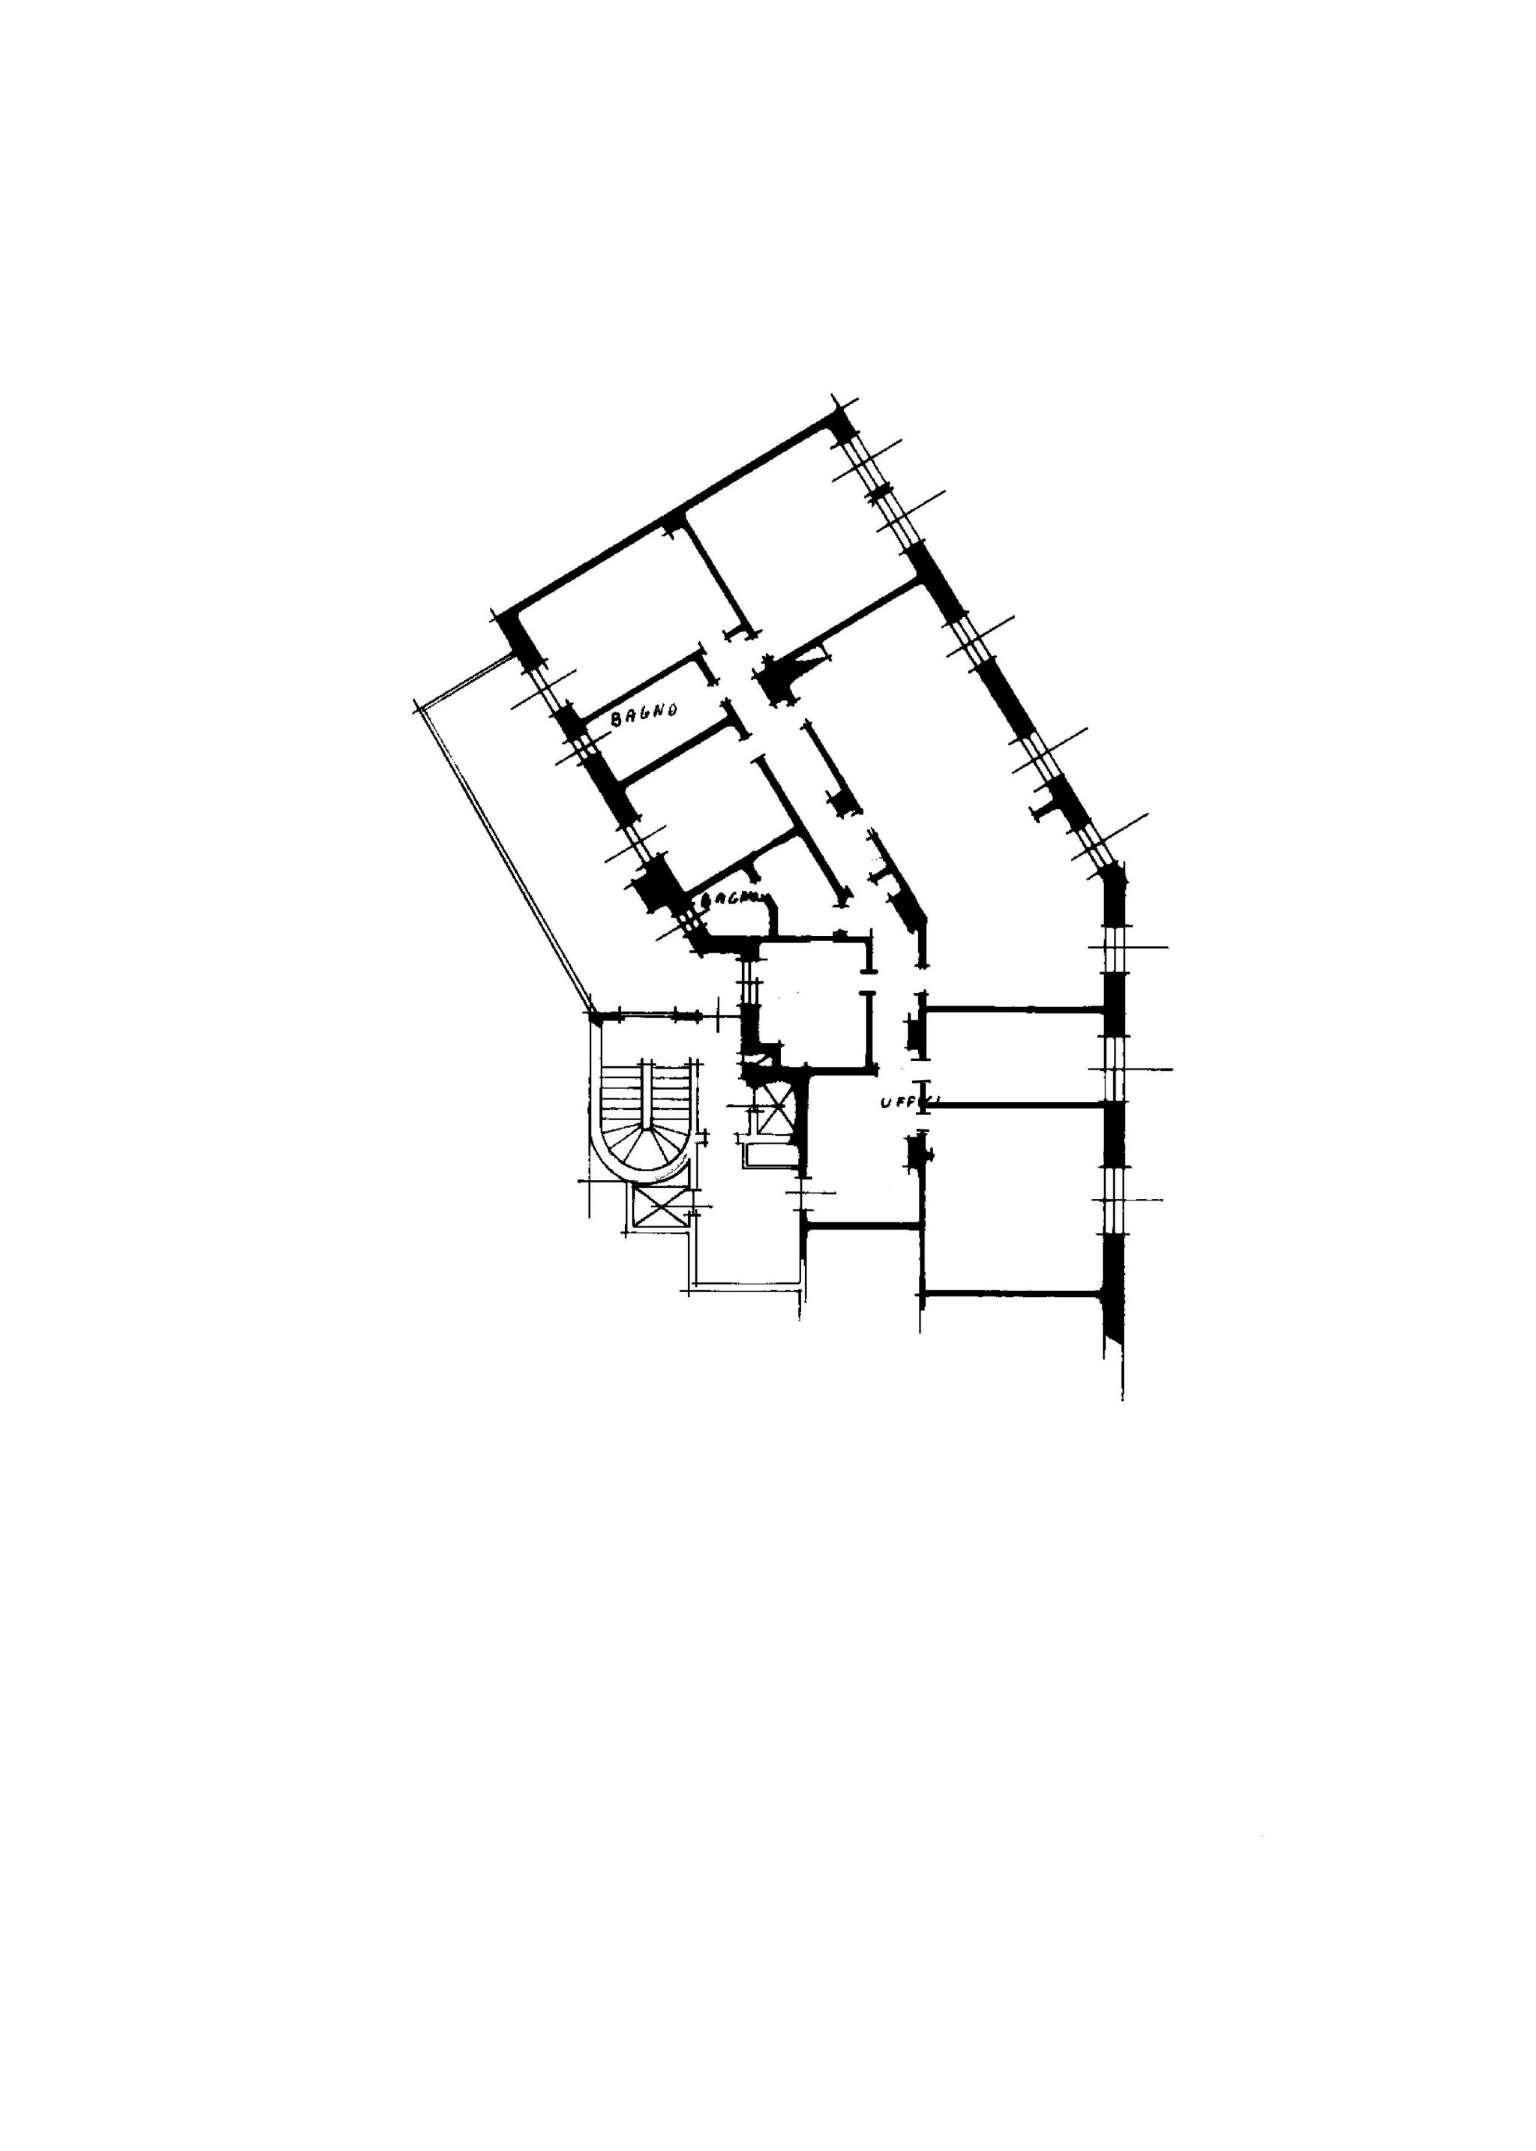 Planimetria appartamentoVia Soresina 20144